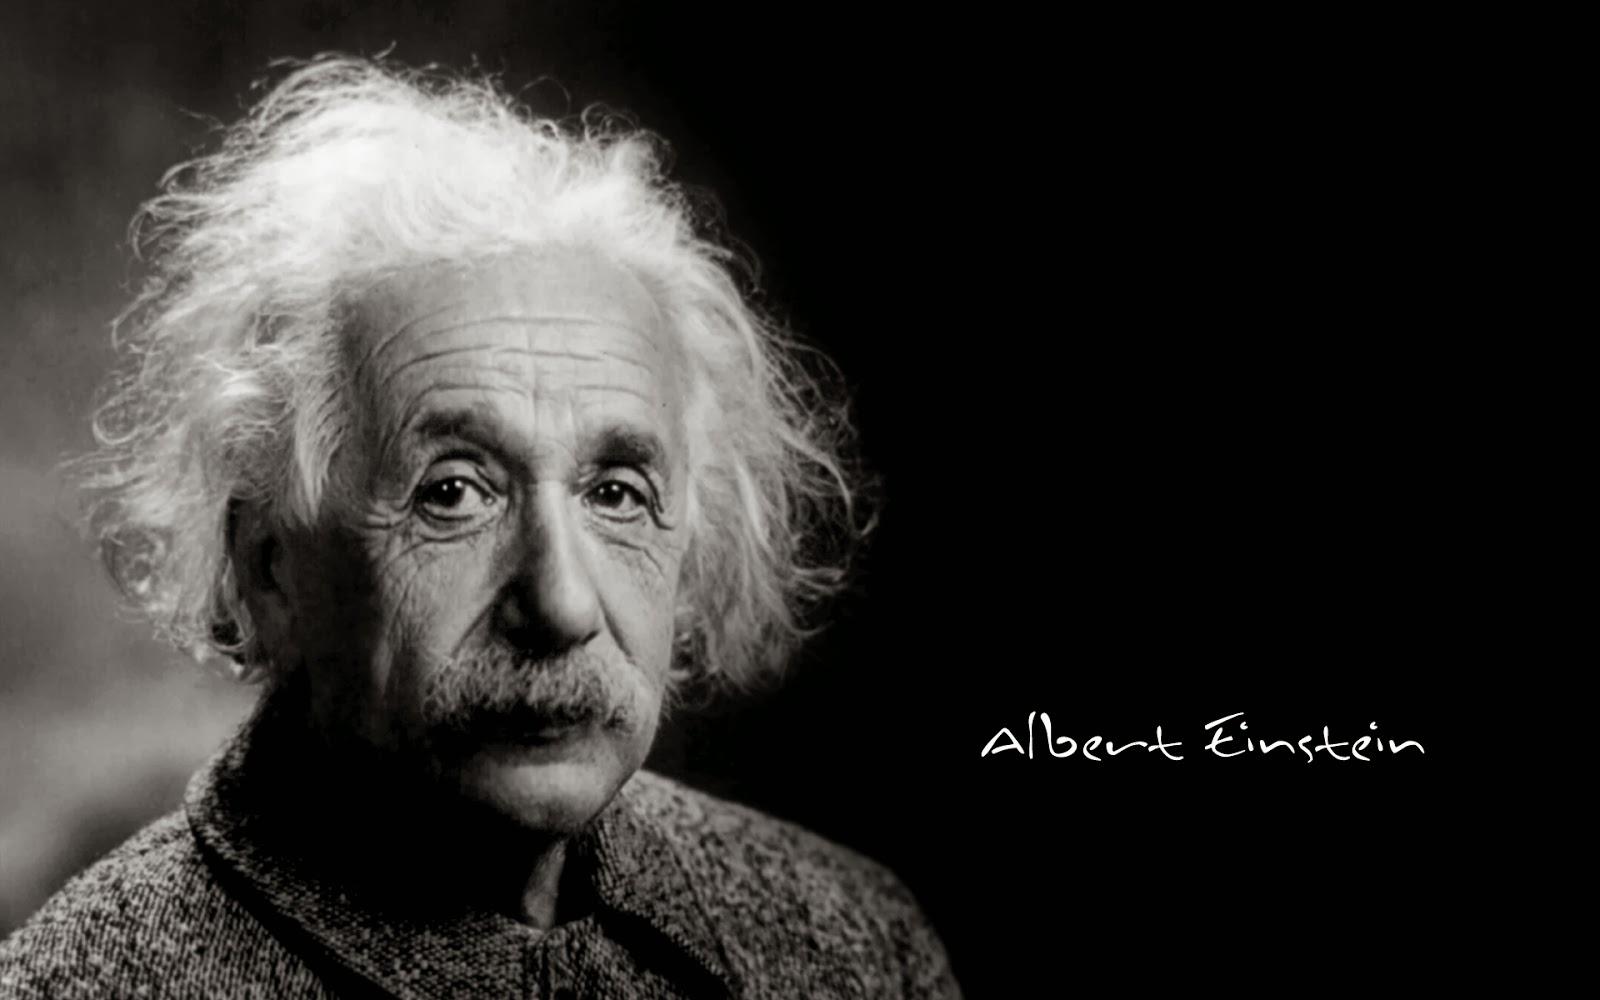 Альберт эйнштейн гениальность достоевского неоспорима, по силе изобразительности его талант равен, быть может